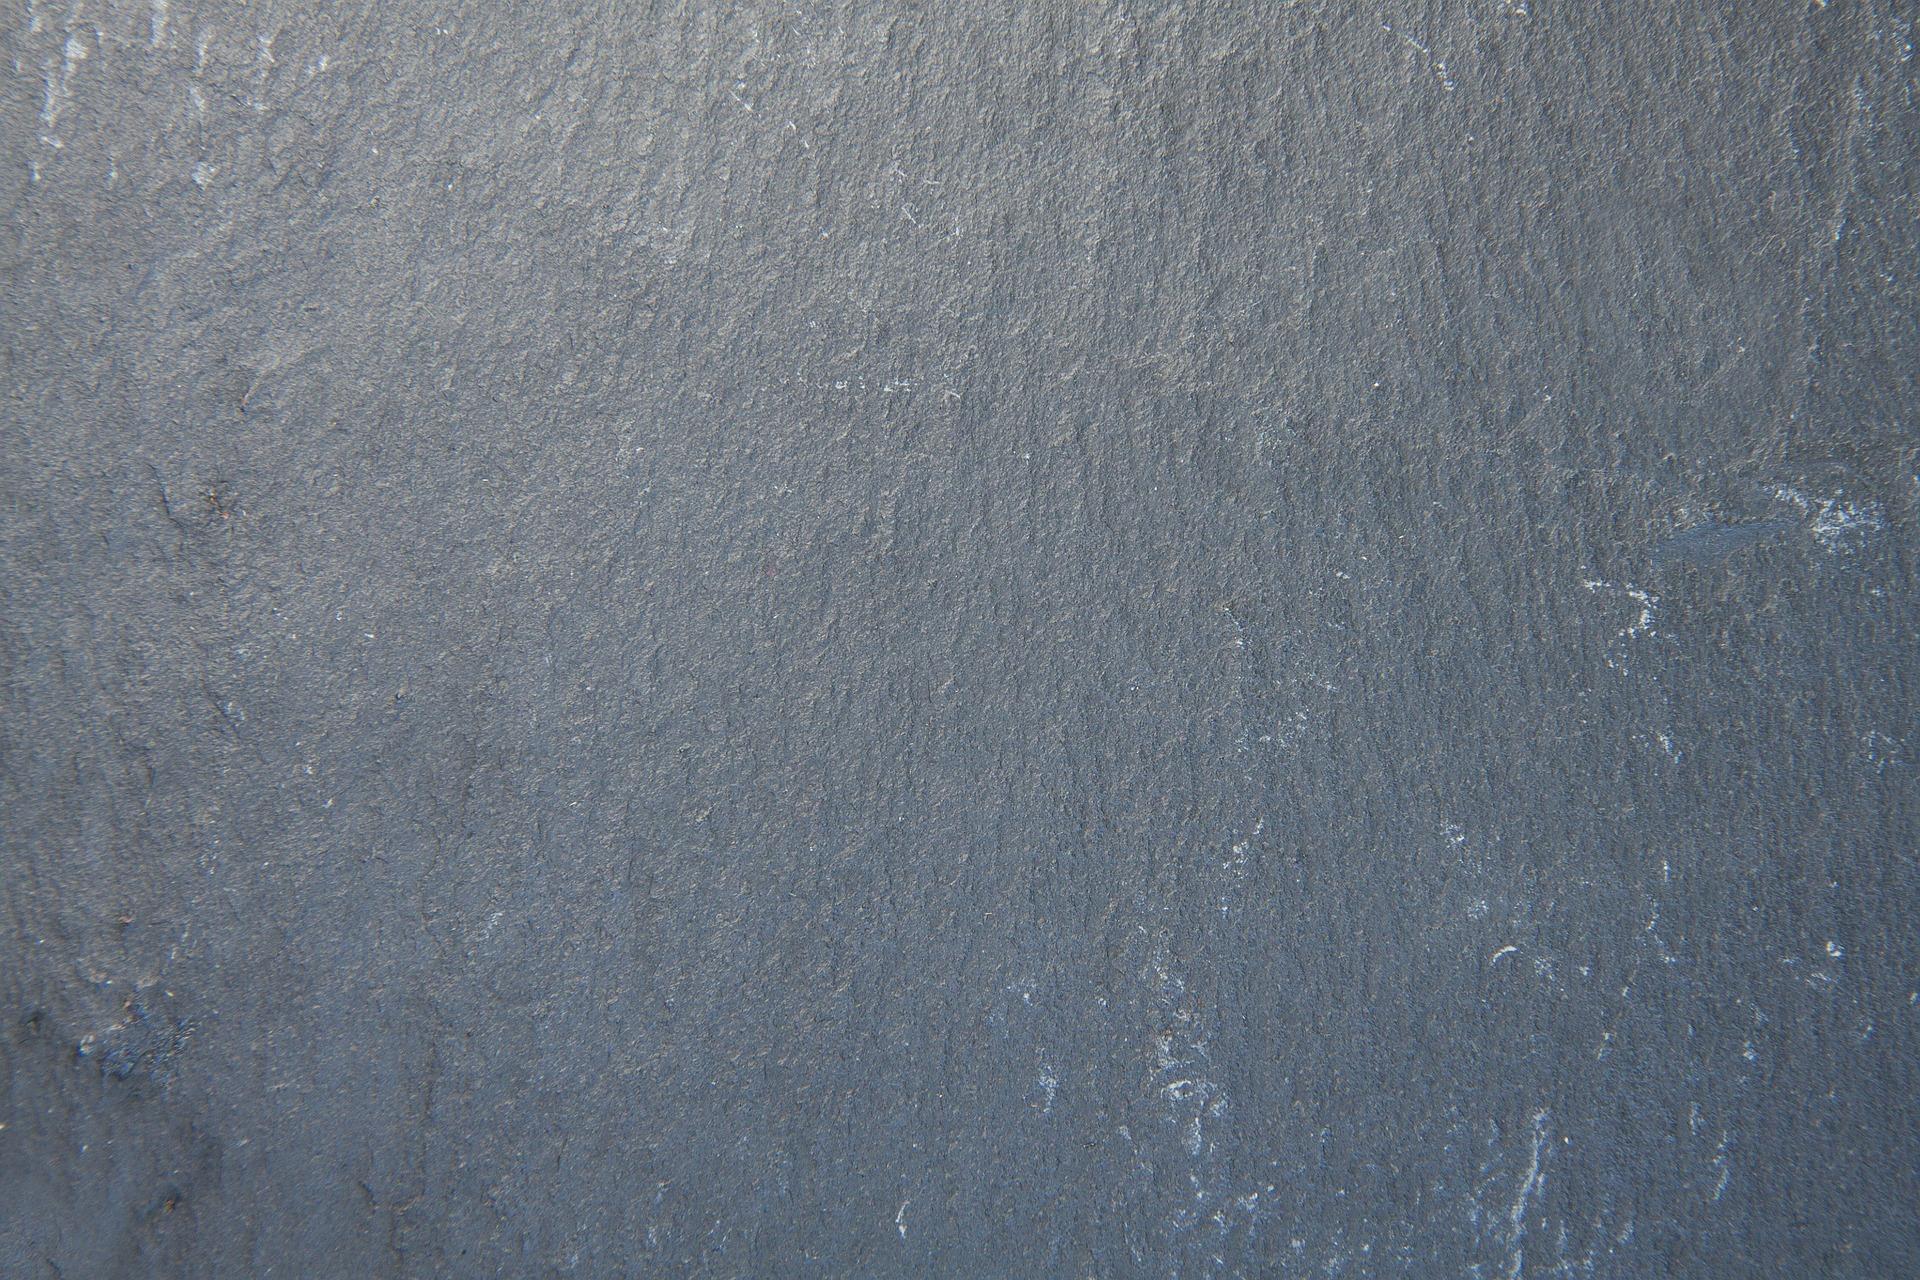 slate-186307_1920